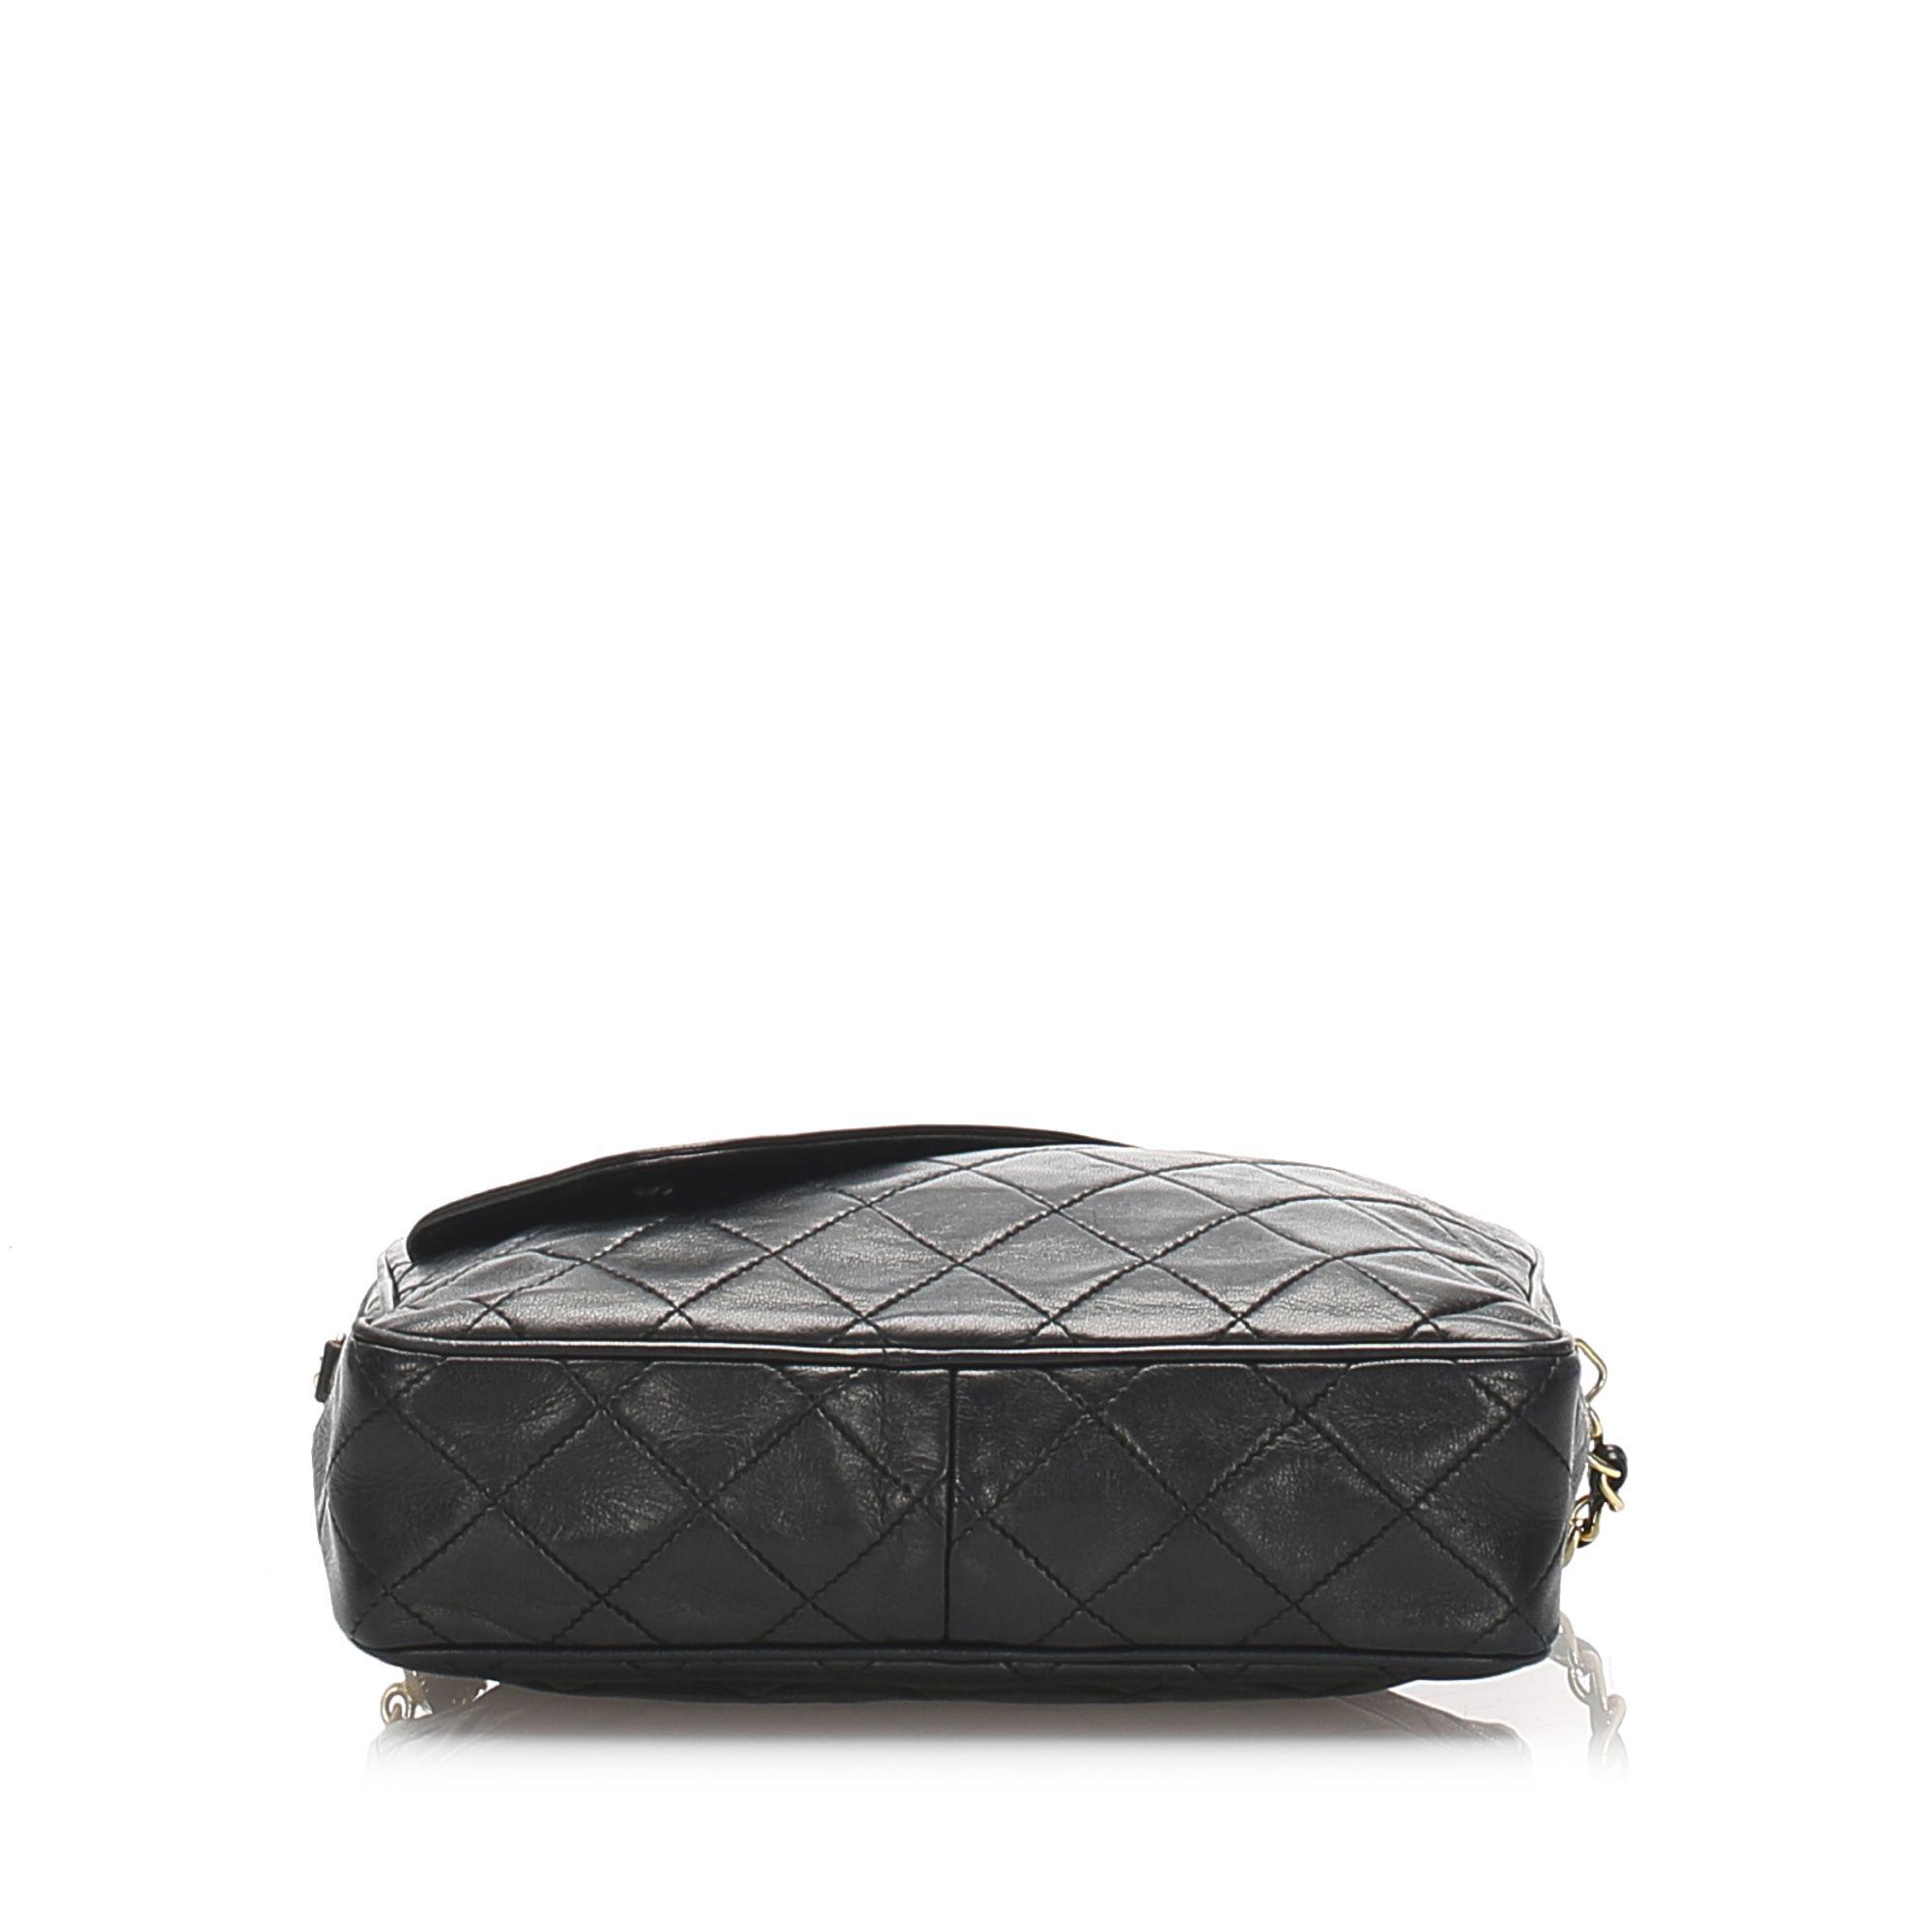 Vintage Chanel Matelasse Lambskin Chain Shoulder Bag Black